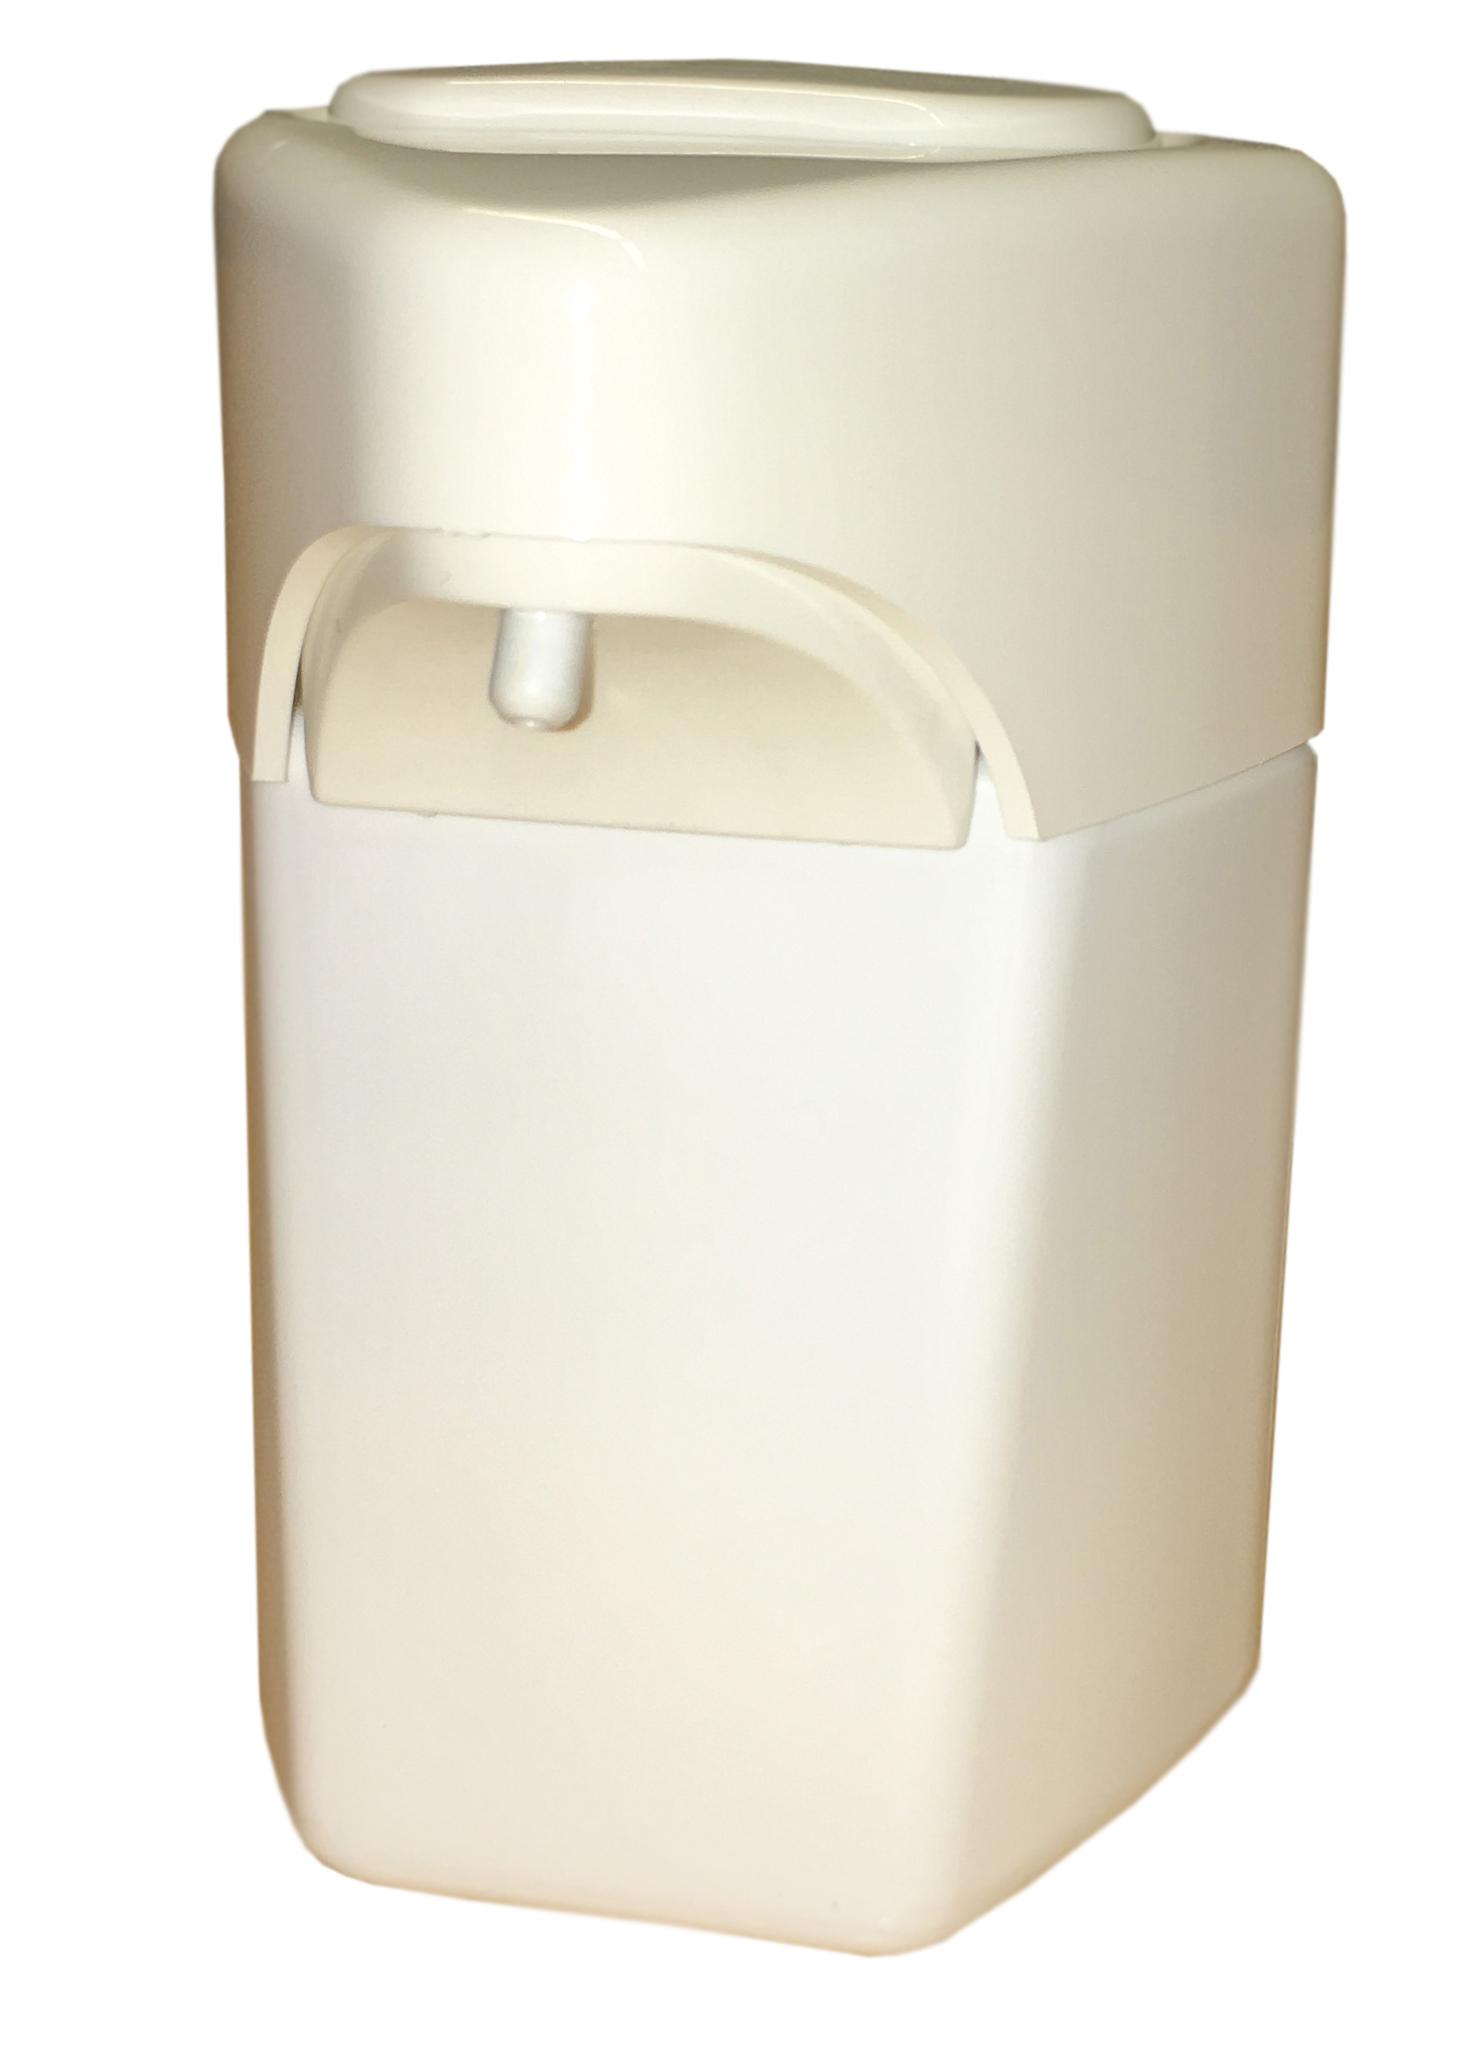 Dispenser für Handcreme u. Handreiniger